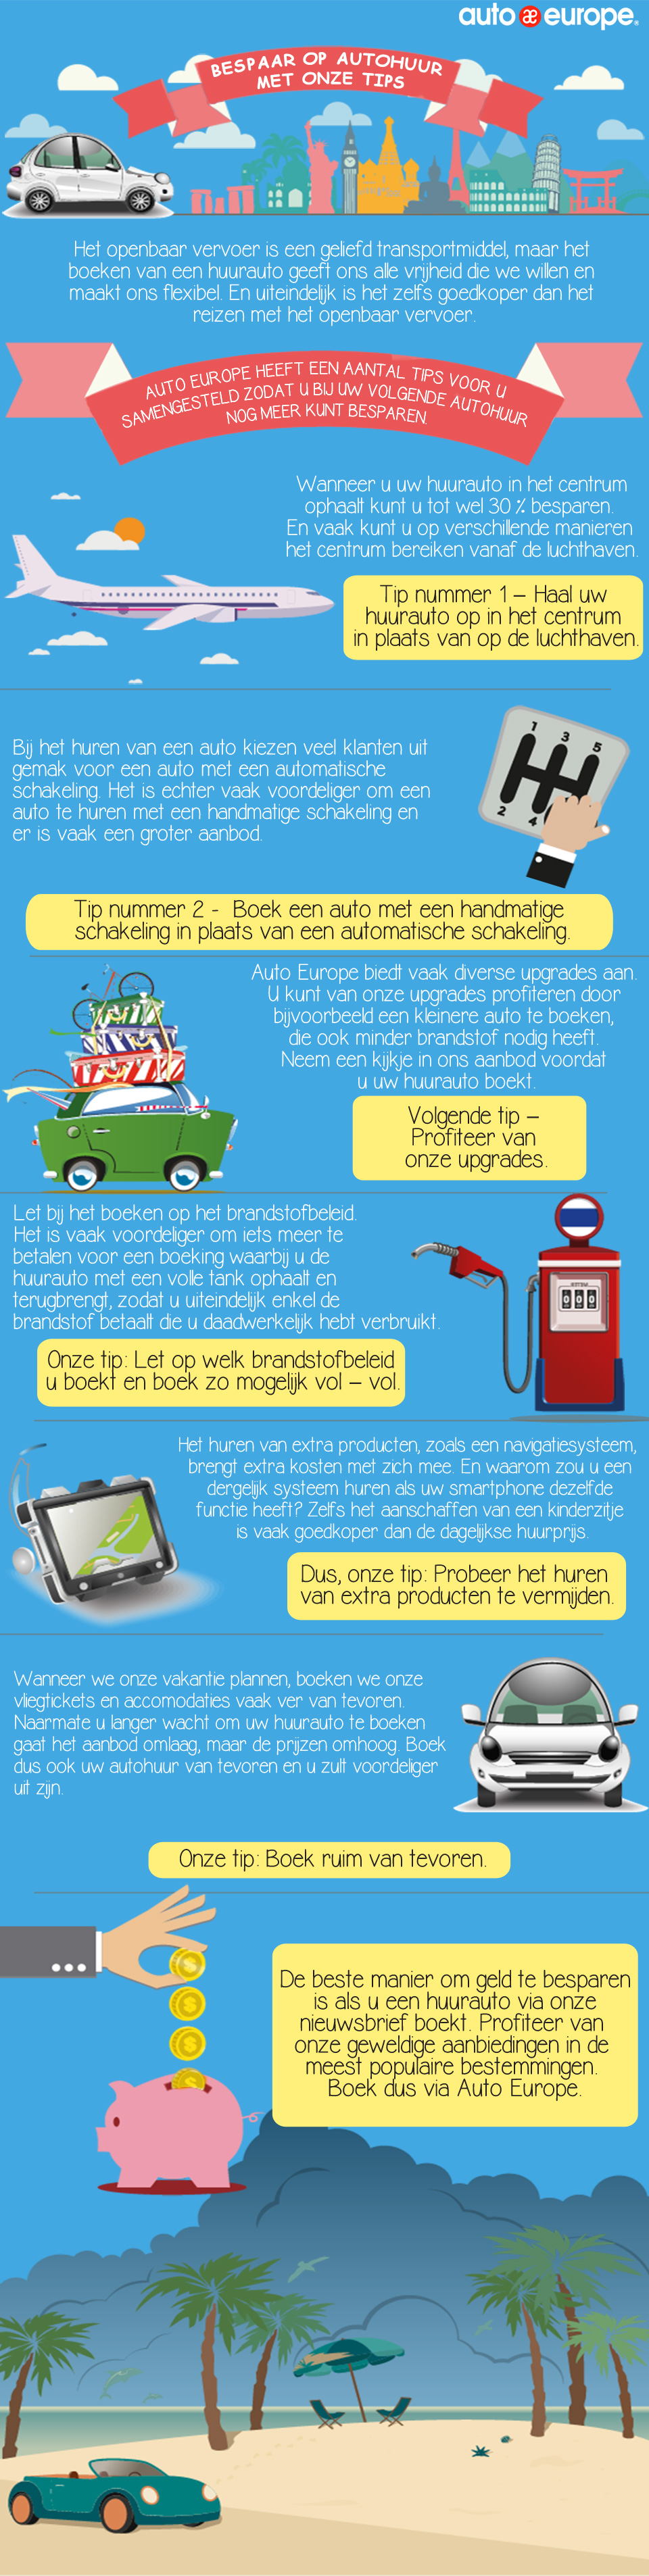 Infographic - Bespaar op autoverhuur met Auto Europe